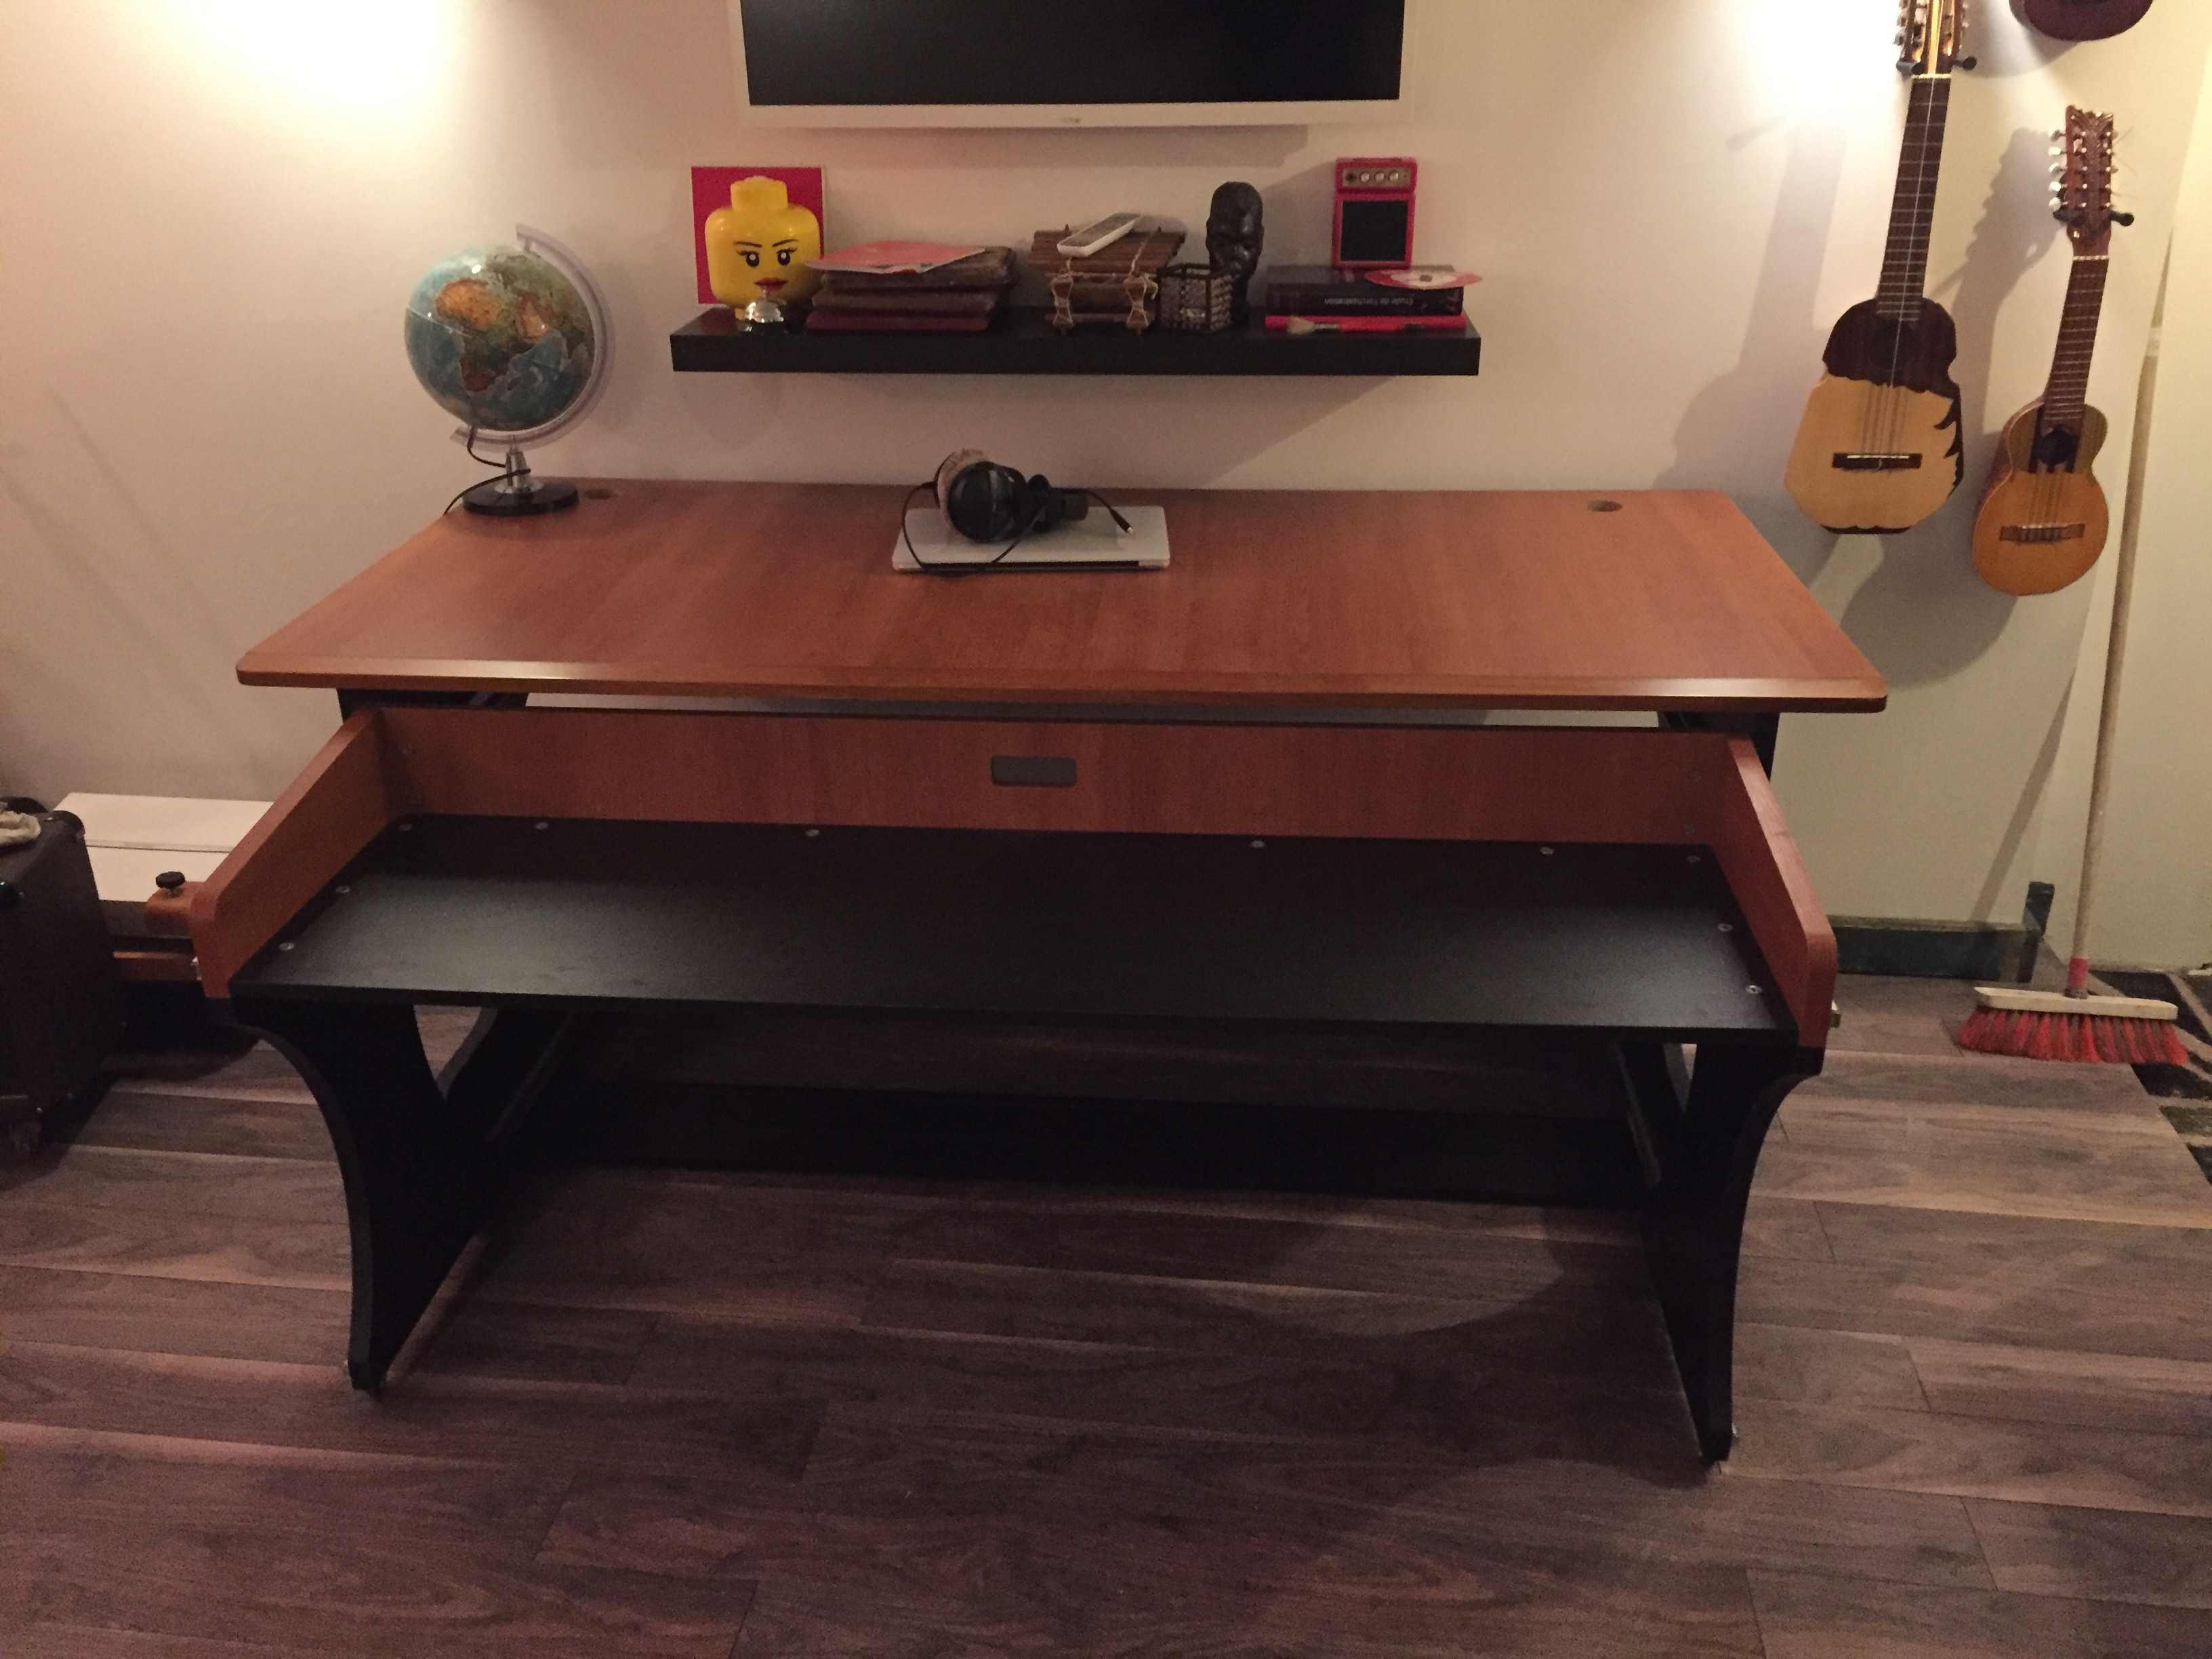 miza z zaor miza z audiofanzine